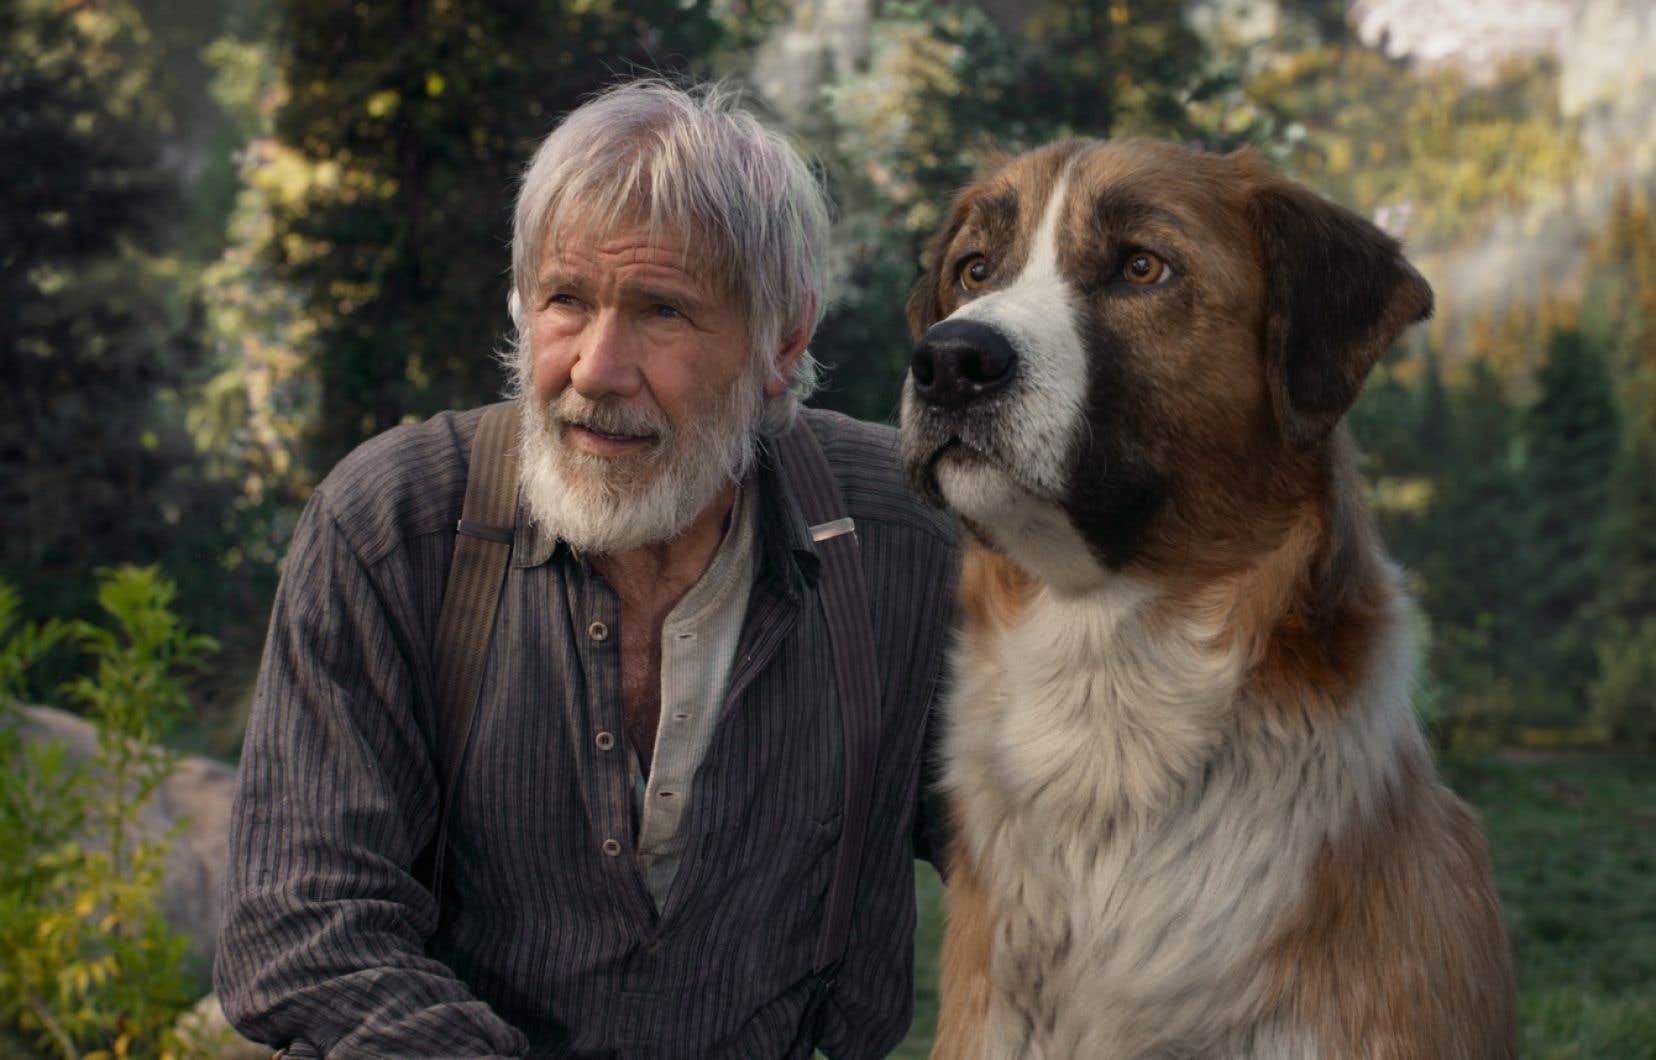 Harrison Ford (le plus souvent «recto tono») agit dès le départ comme le narrateur des aventures de Buck, mais l'animal est si expressif, si intelligent qu'il se mettrait à causer que personne n'en serait étonné.